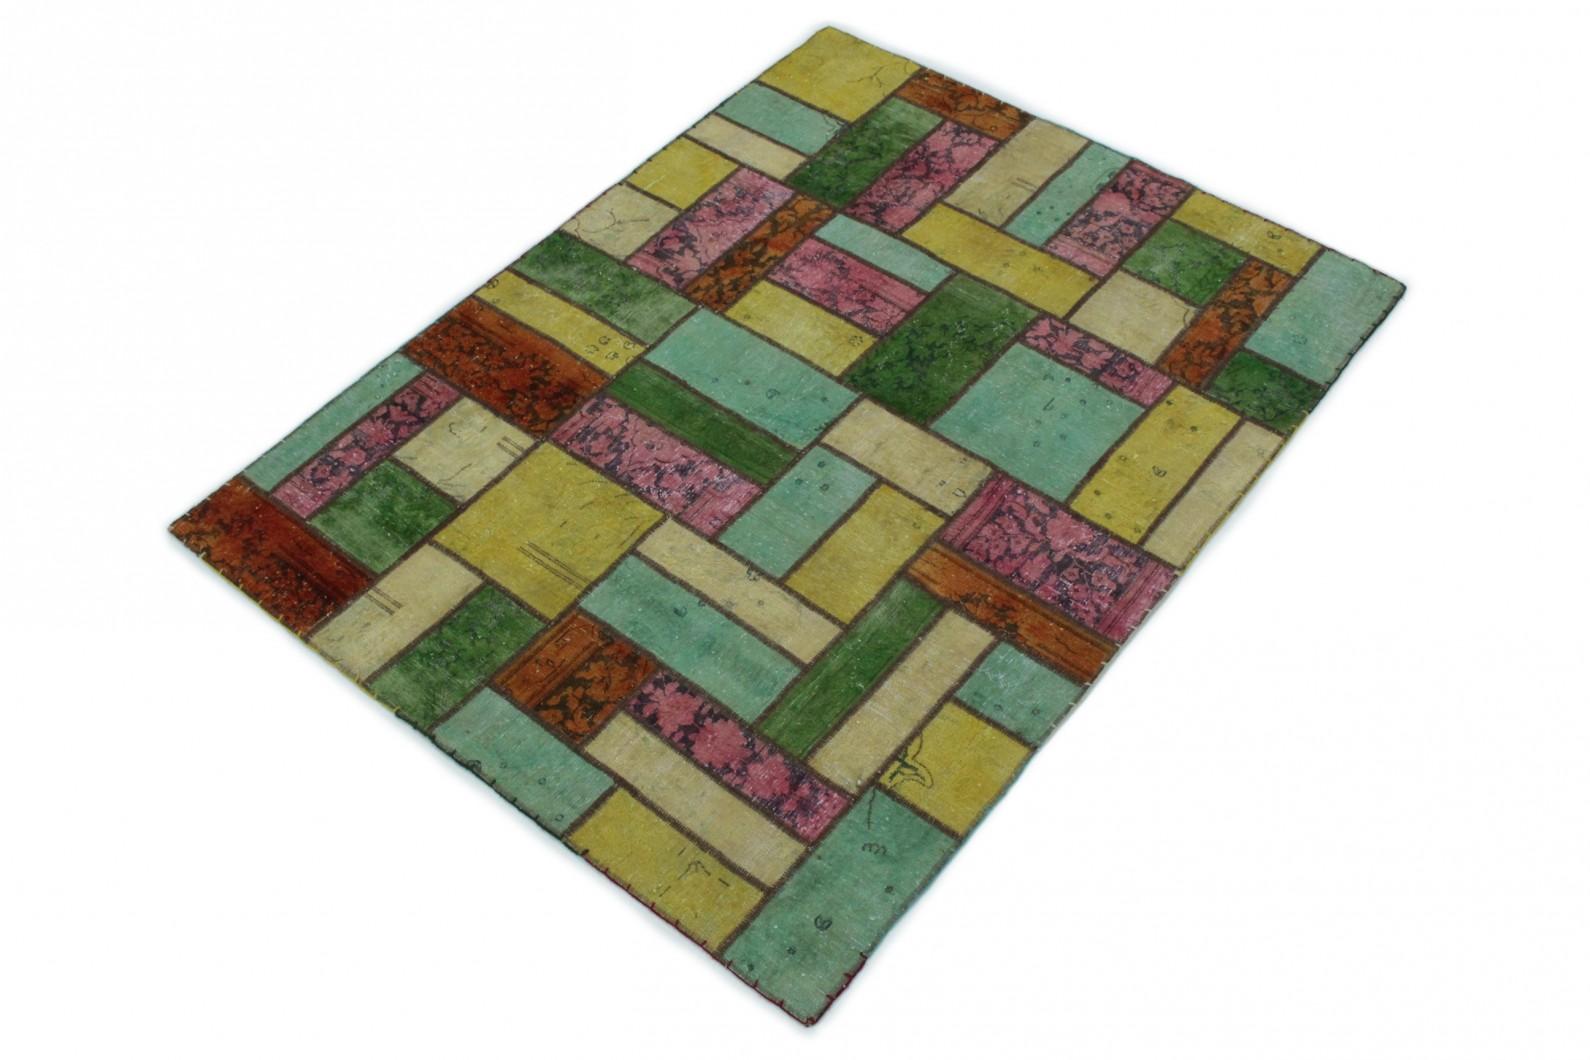 patchwork teppich beige t rkis pink in 200x150 1001 167072 bei kaufen. Black Bedroom Furniture Sets. Home Design Ideas